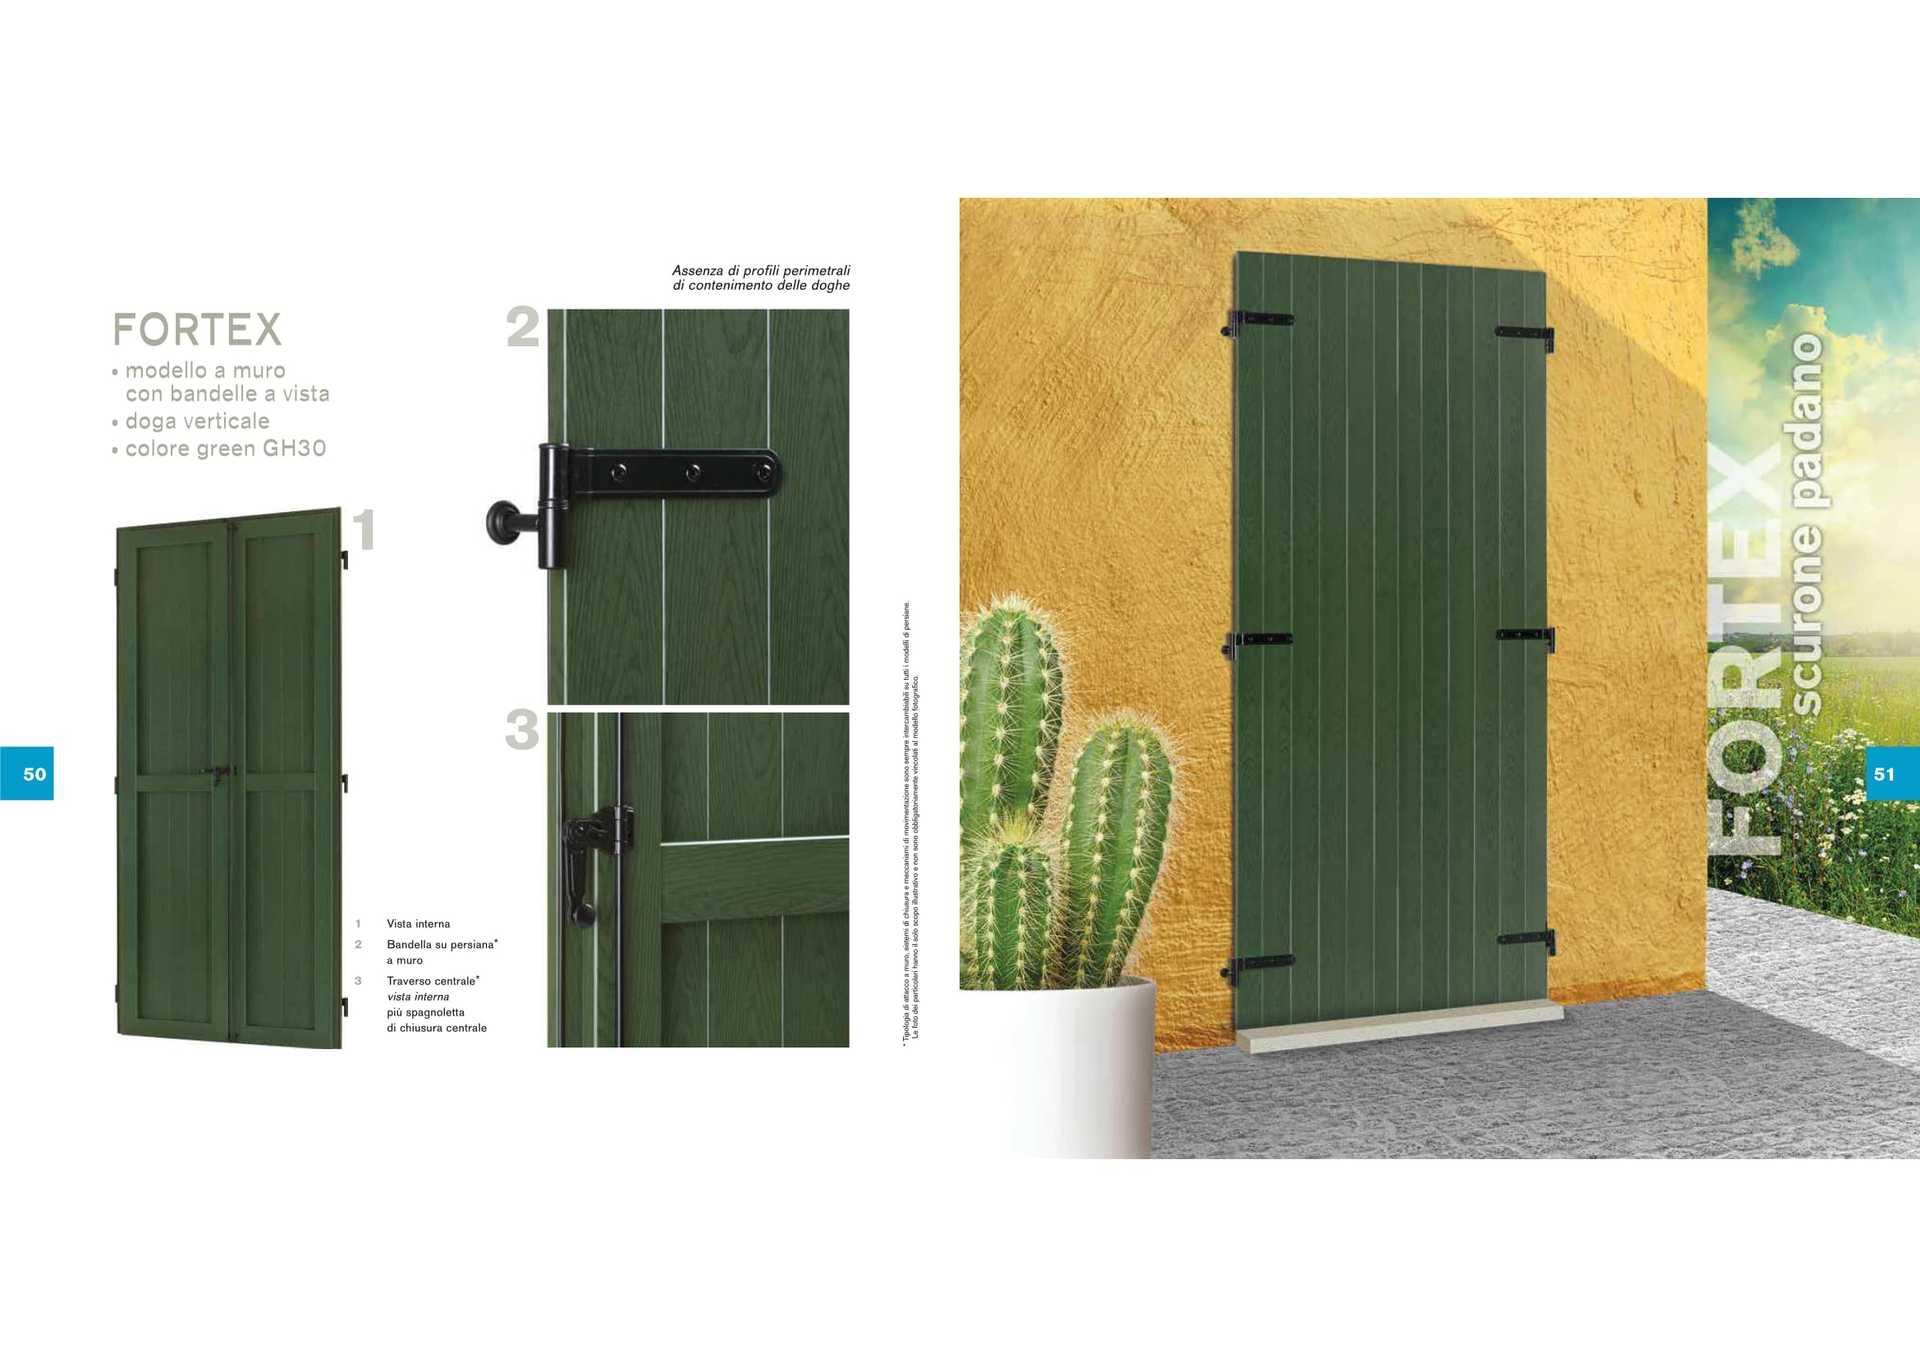 brochure con descrizione persiana verde e cactus accanto